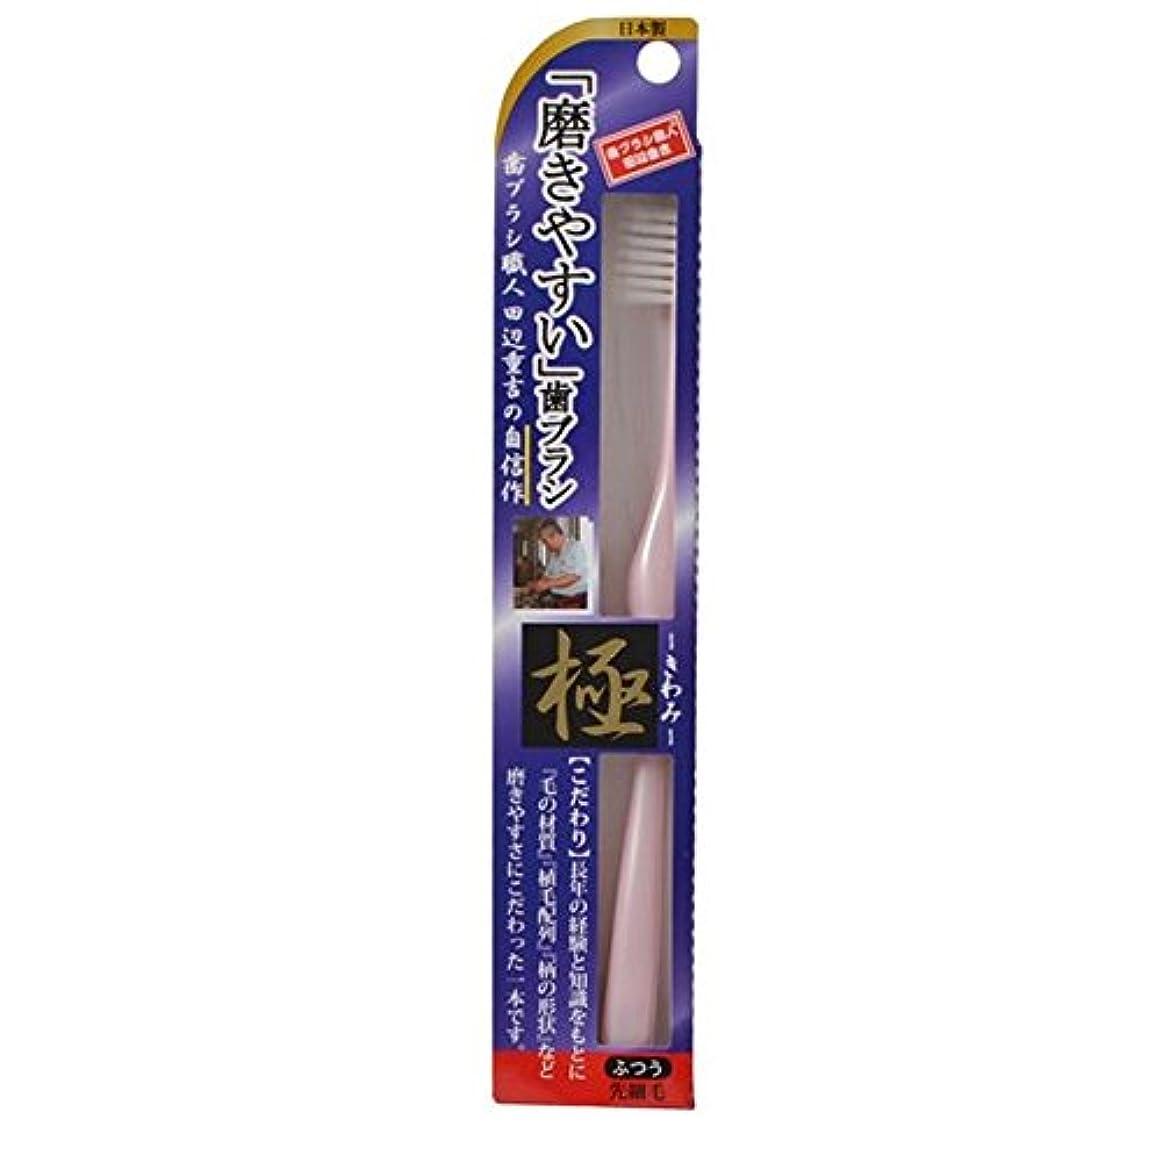 スペース売り手日曜日磨きやすい歯ブラシ極 LT-22